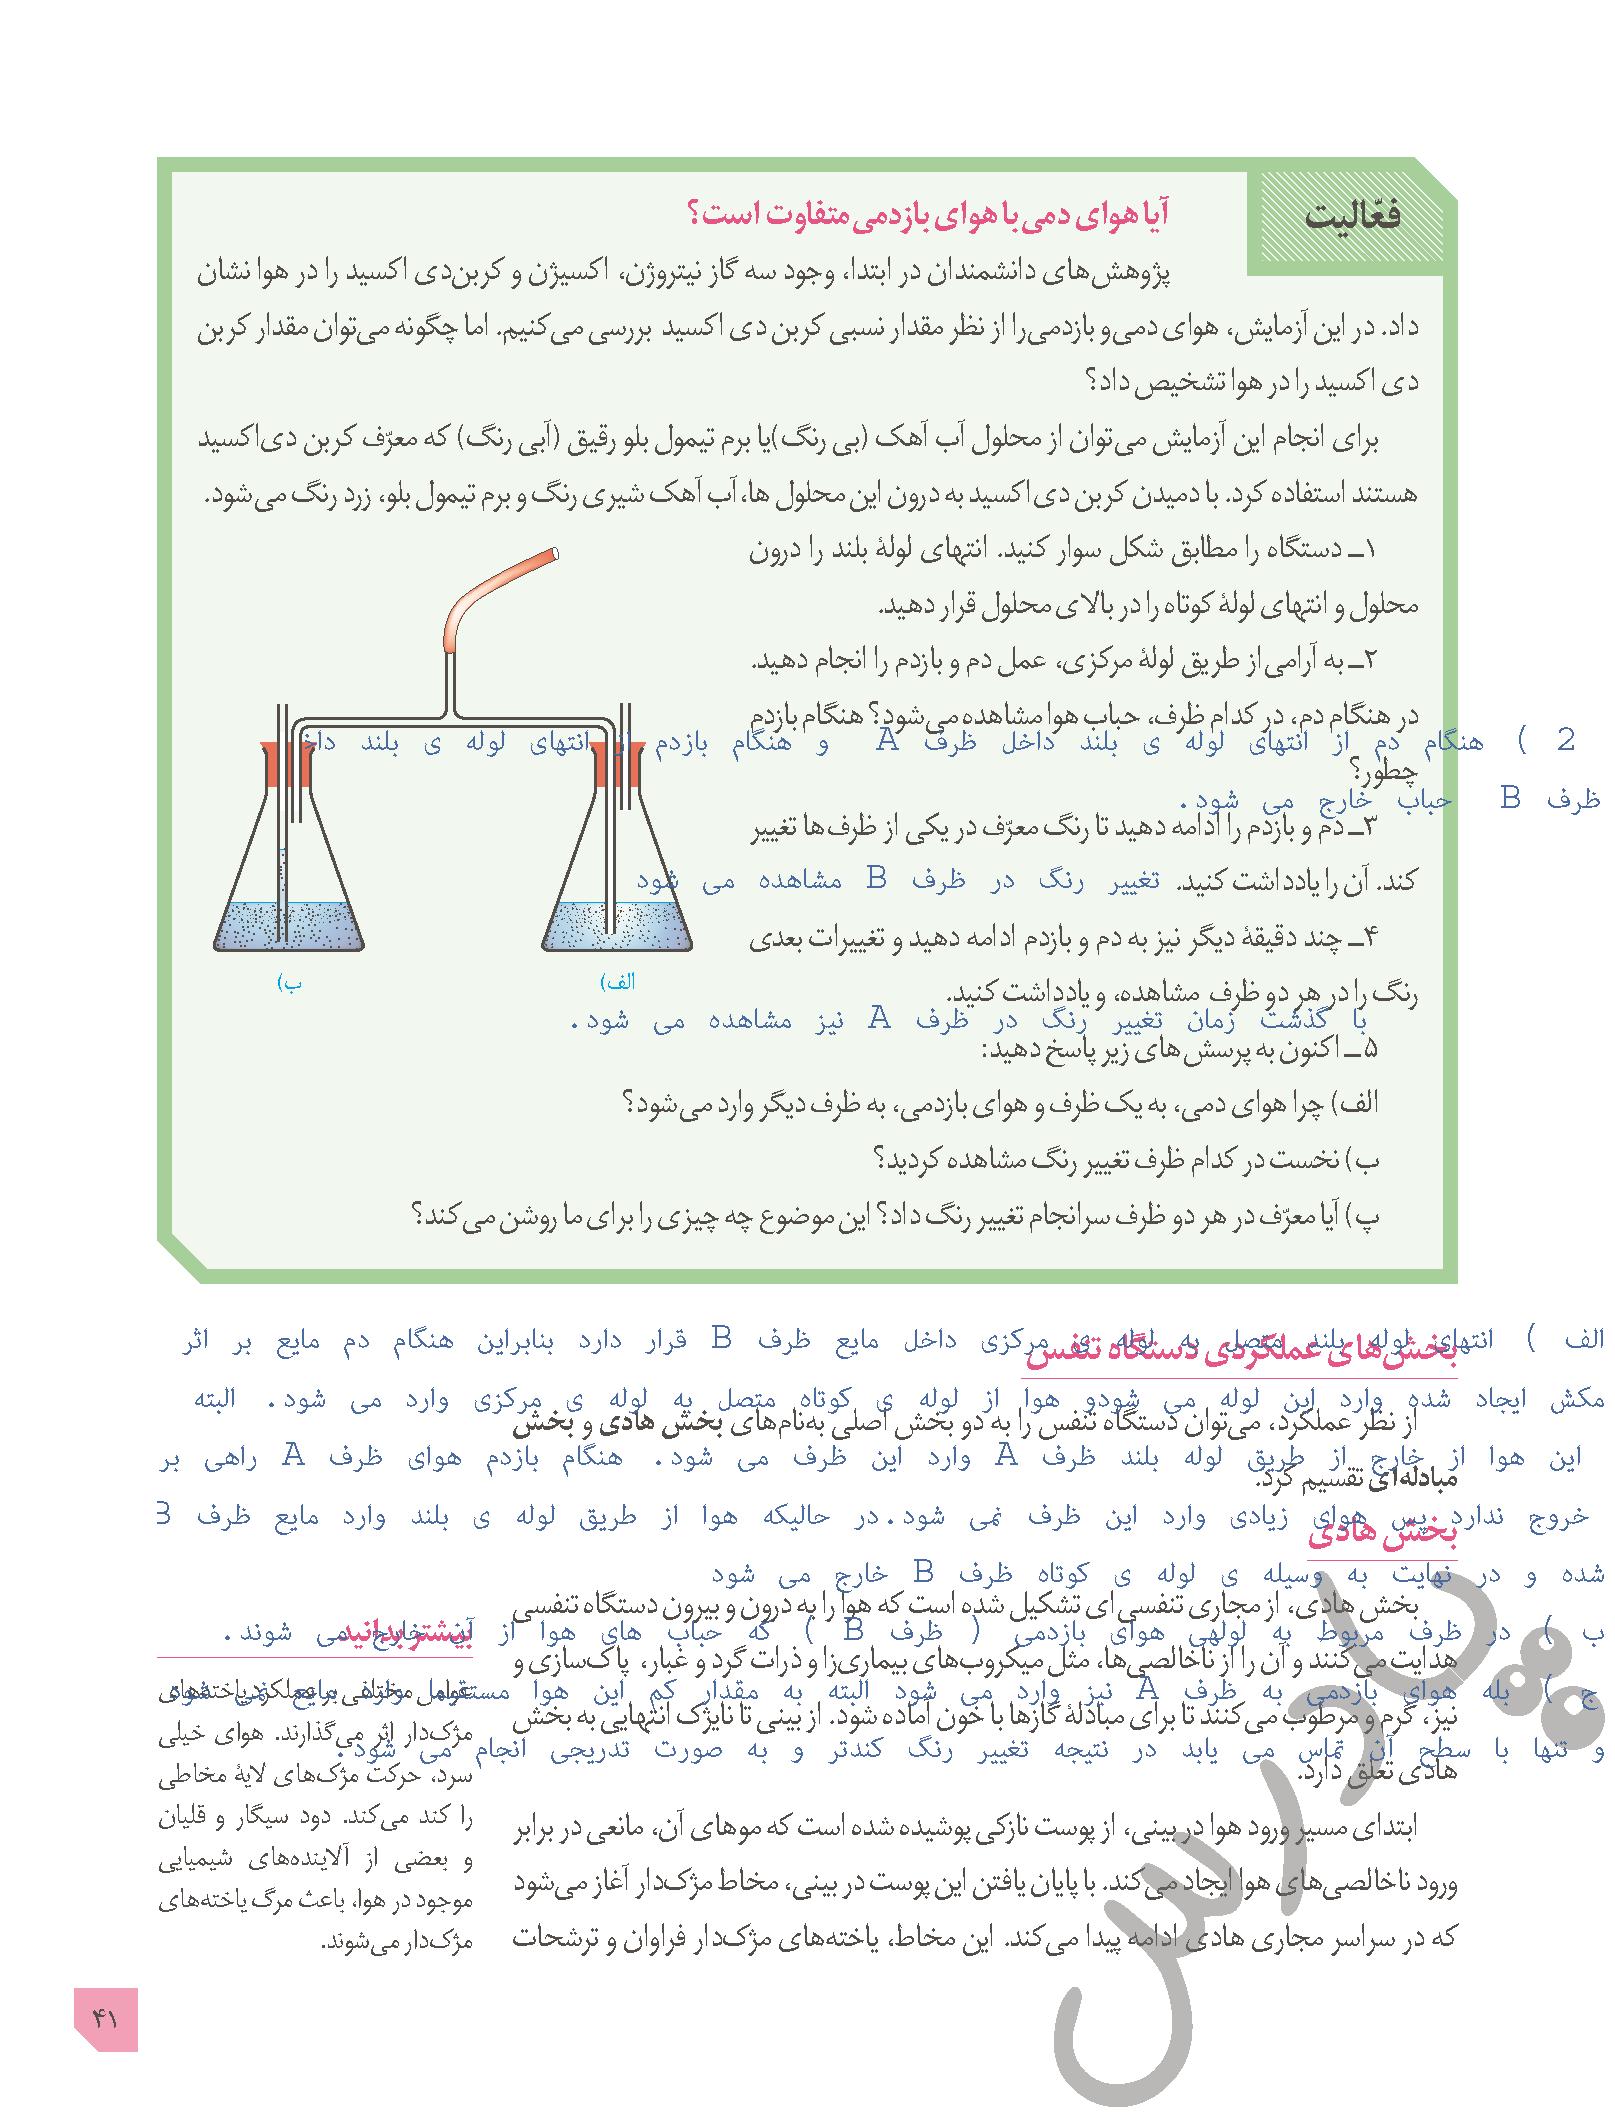 جواب فعالیت صفحه 41 زیست دهم